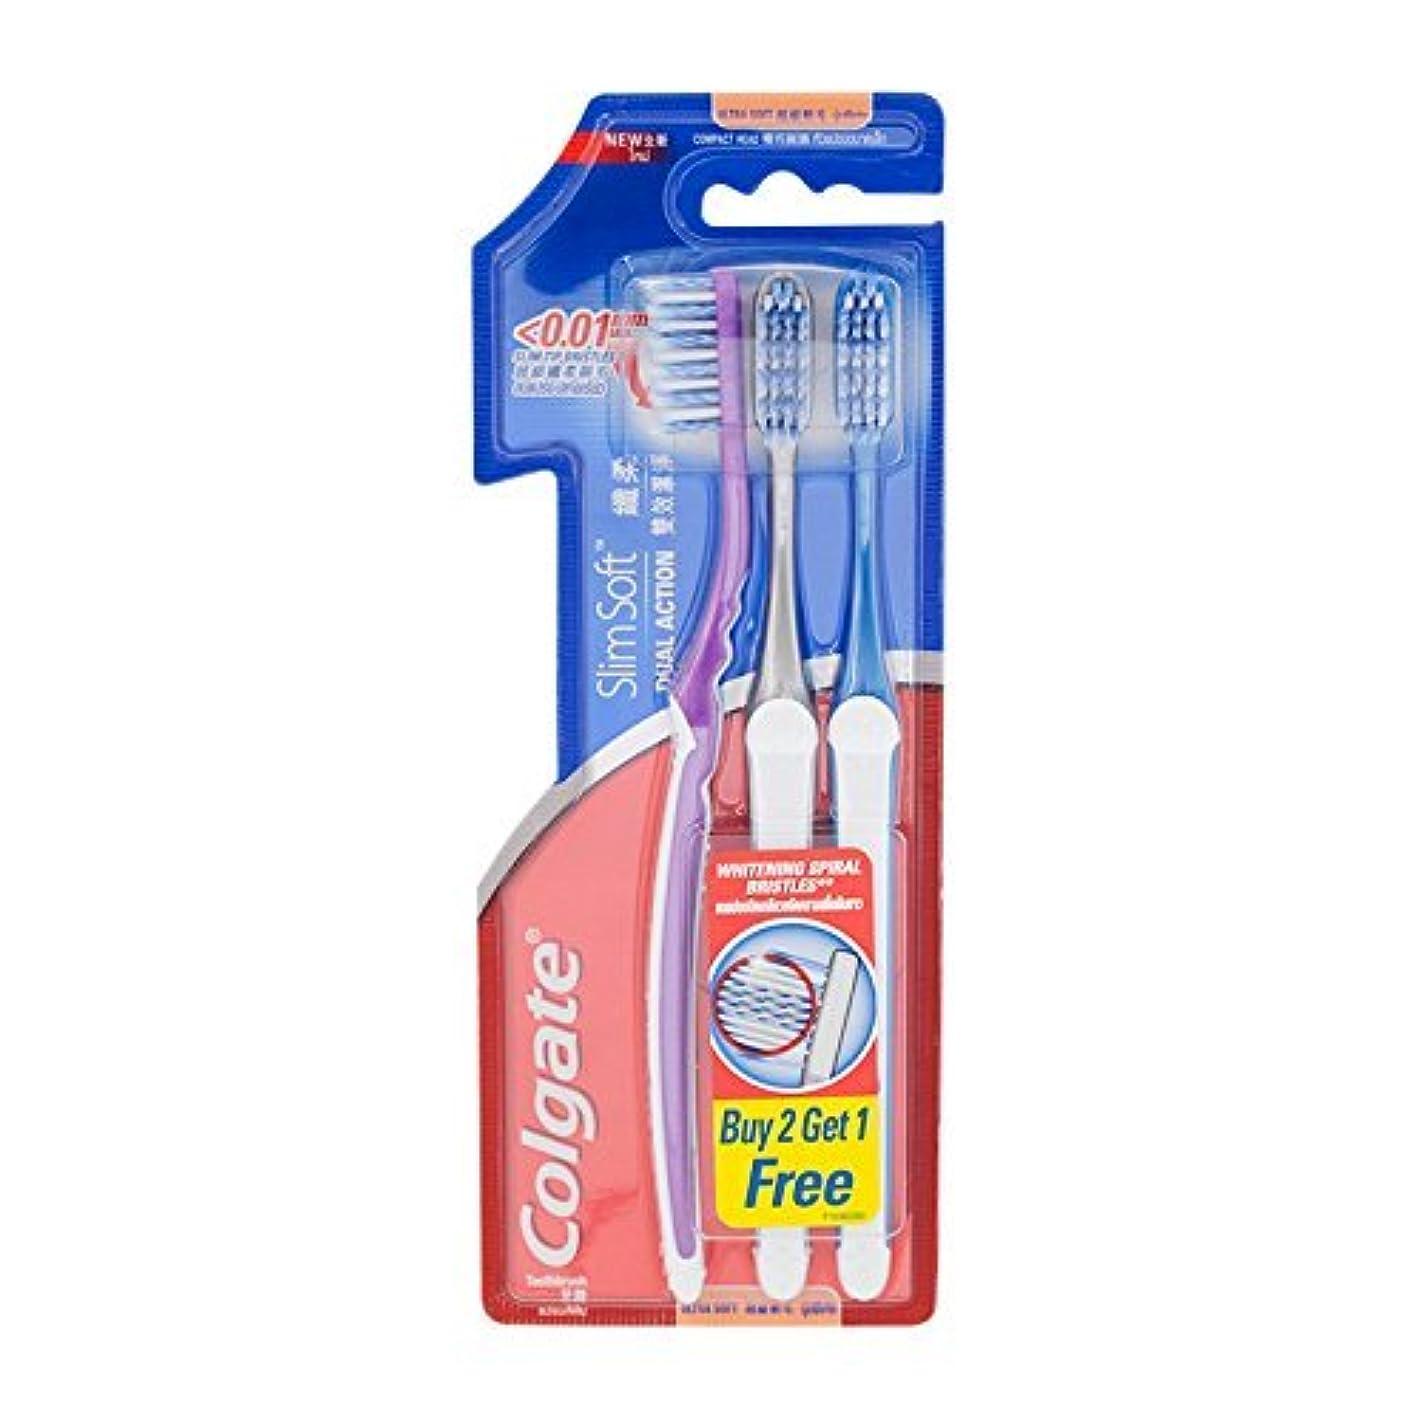 対処する罪悪感輪郭Colgate Compact Ultra Soft Dual Action | Slim Soft Toothbrush, Family Pack (3 Bristles) by BeautyBreeze